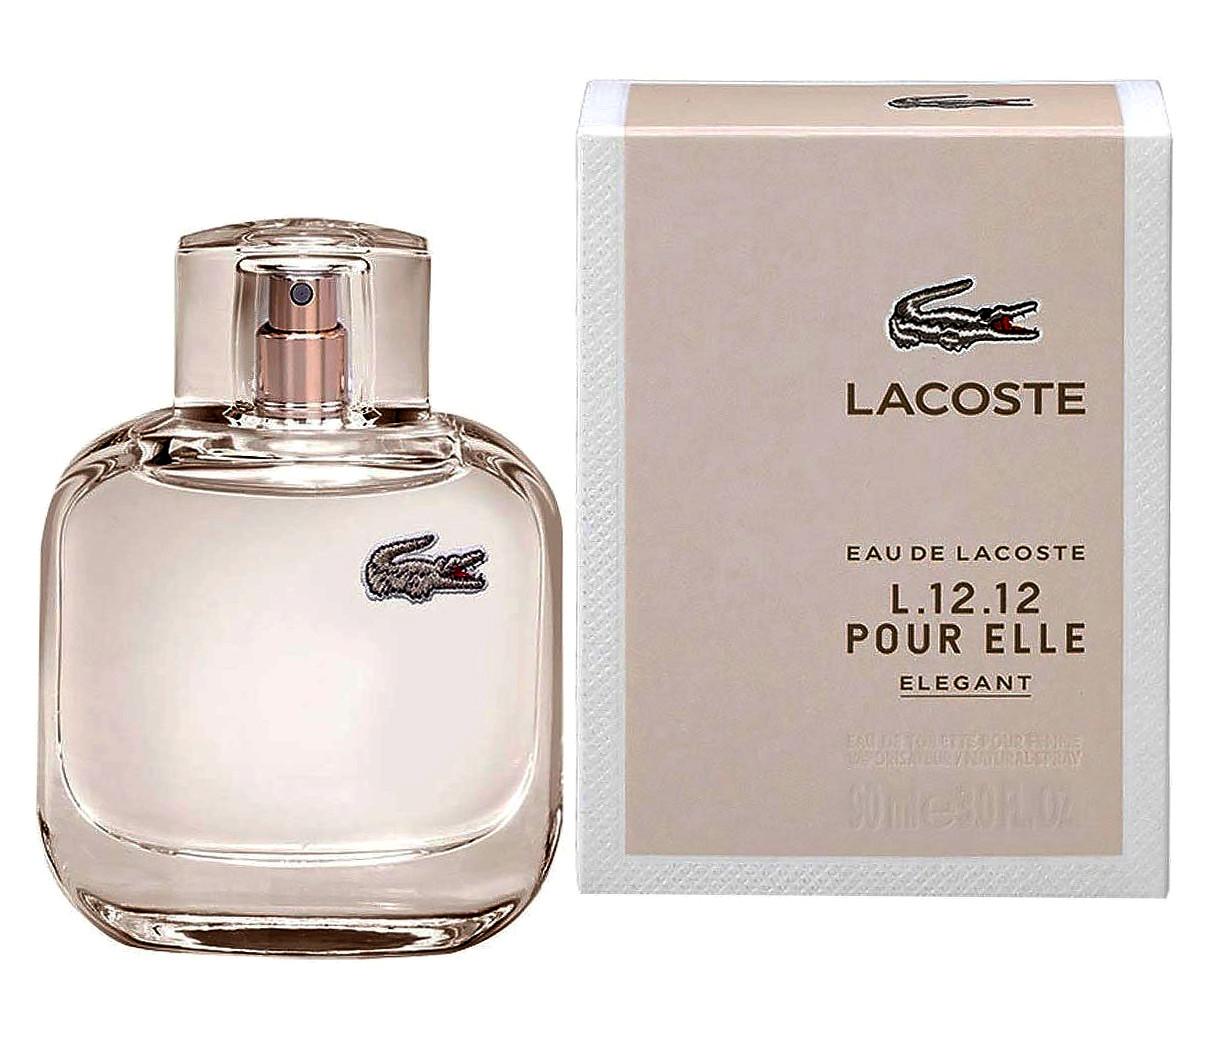 Тестер женский Lacoste Eau De L.12.12 Pour Elle Elegant, 90 мл